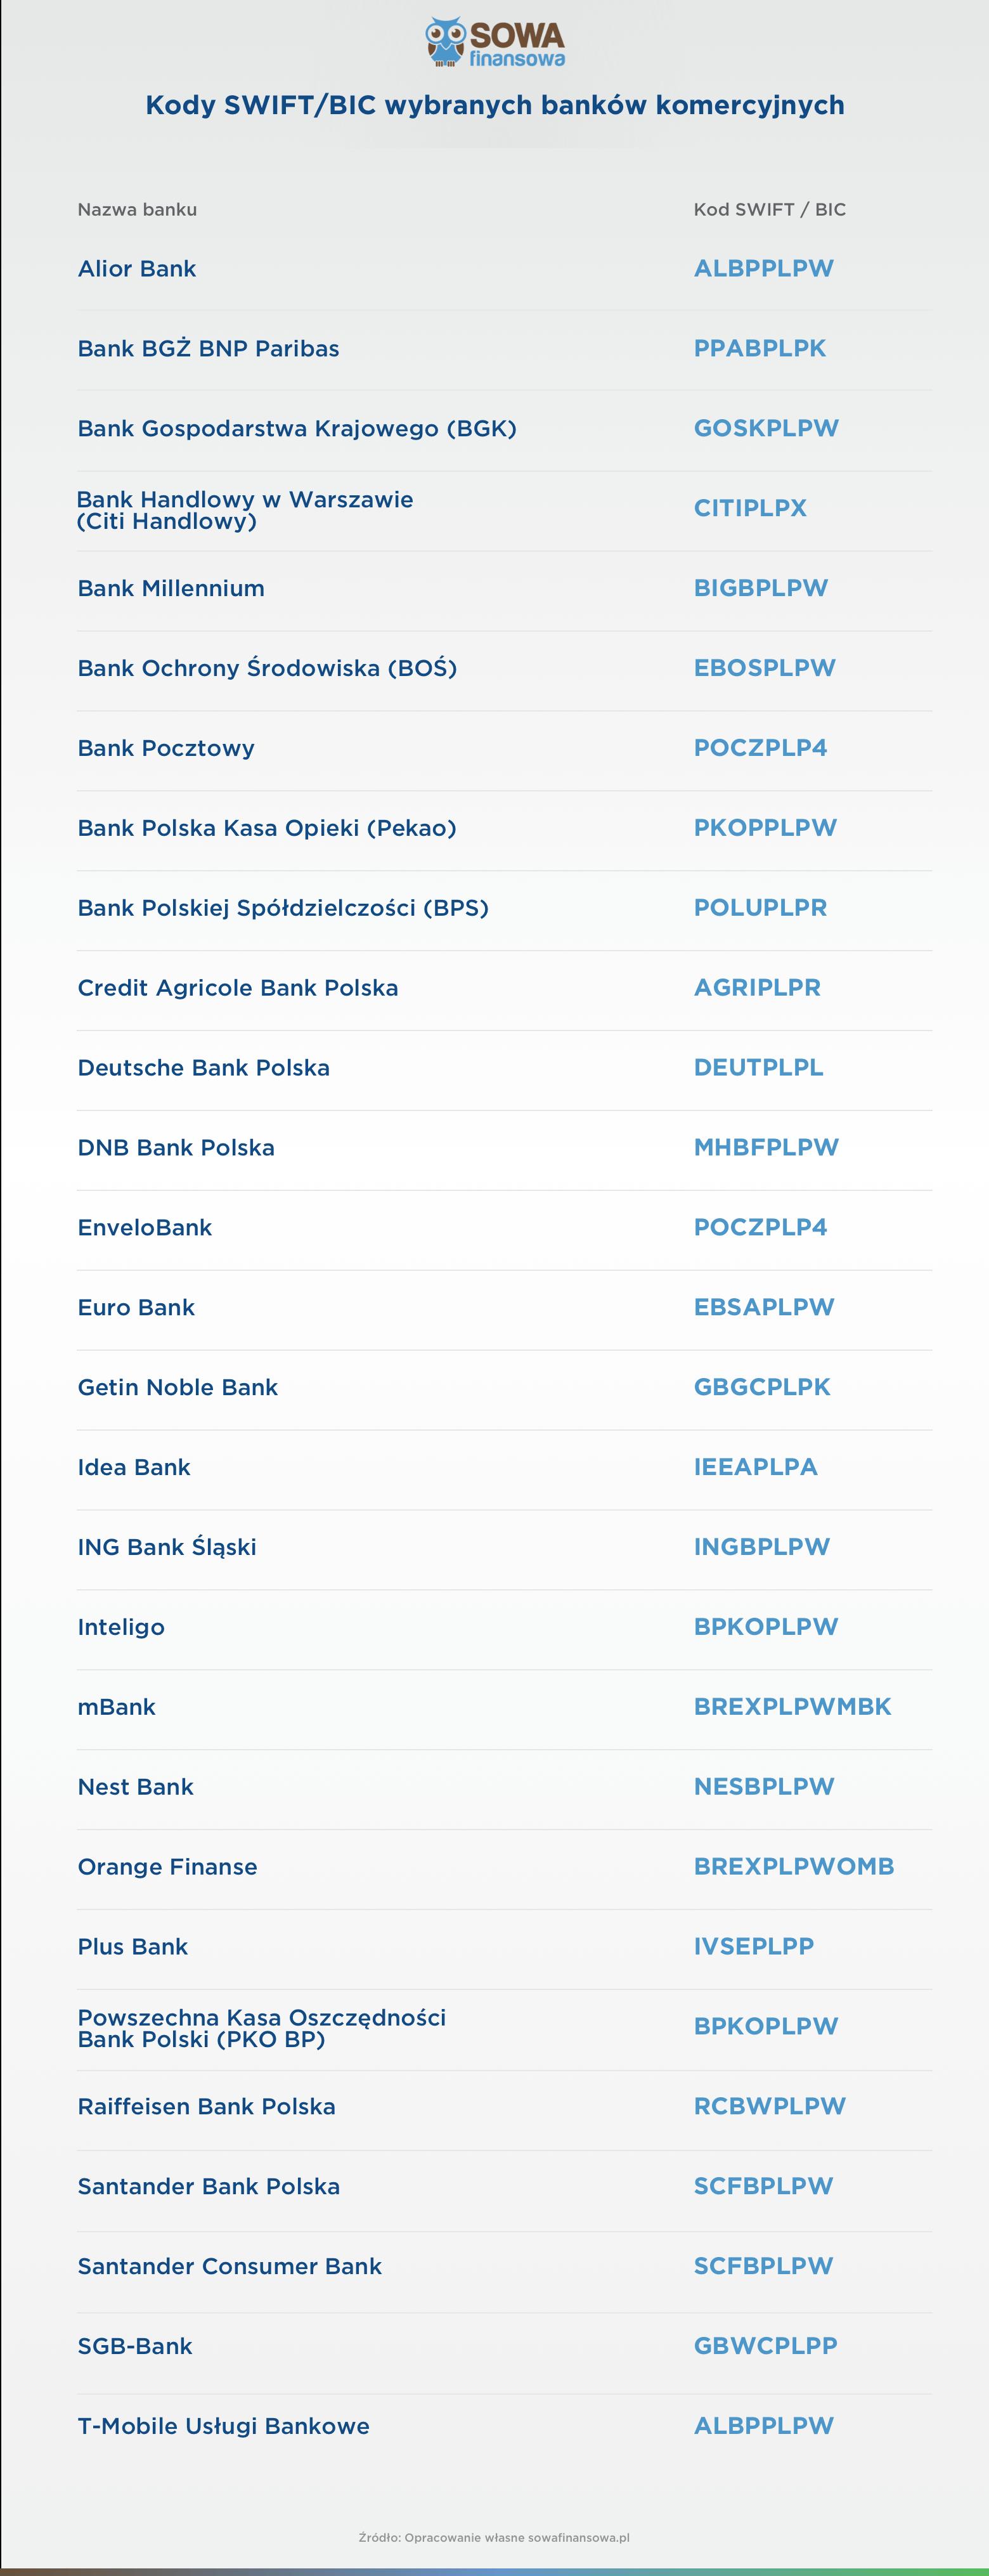 tabelka przedstawiająca kody BIC